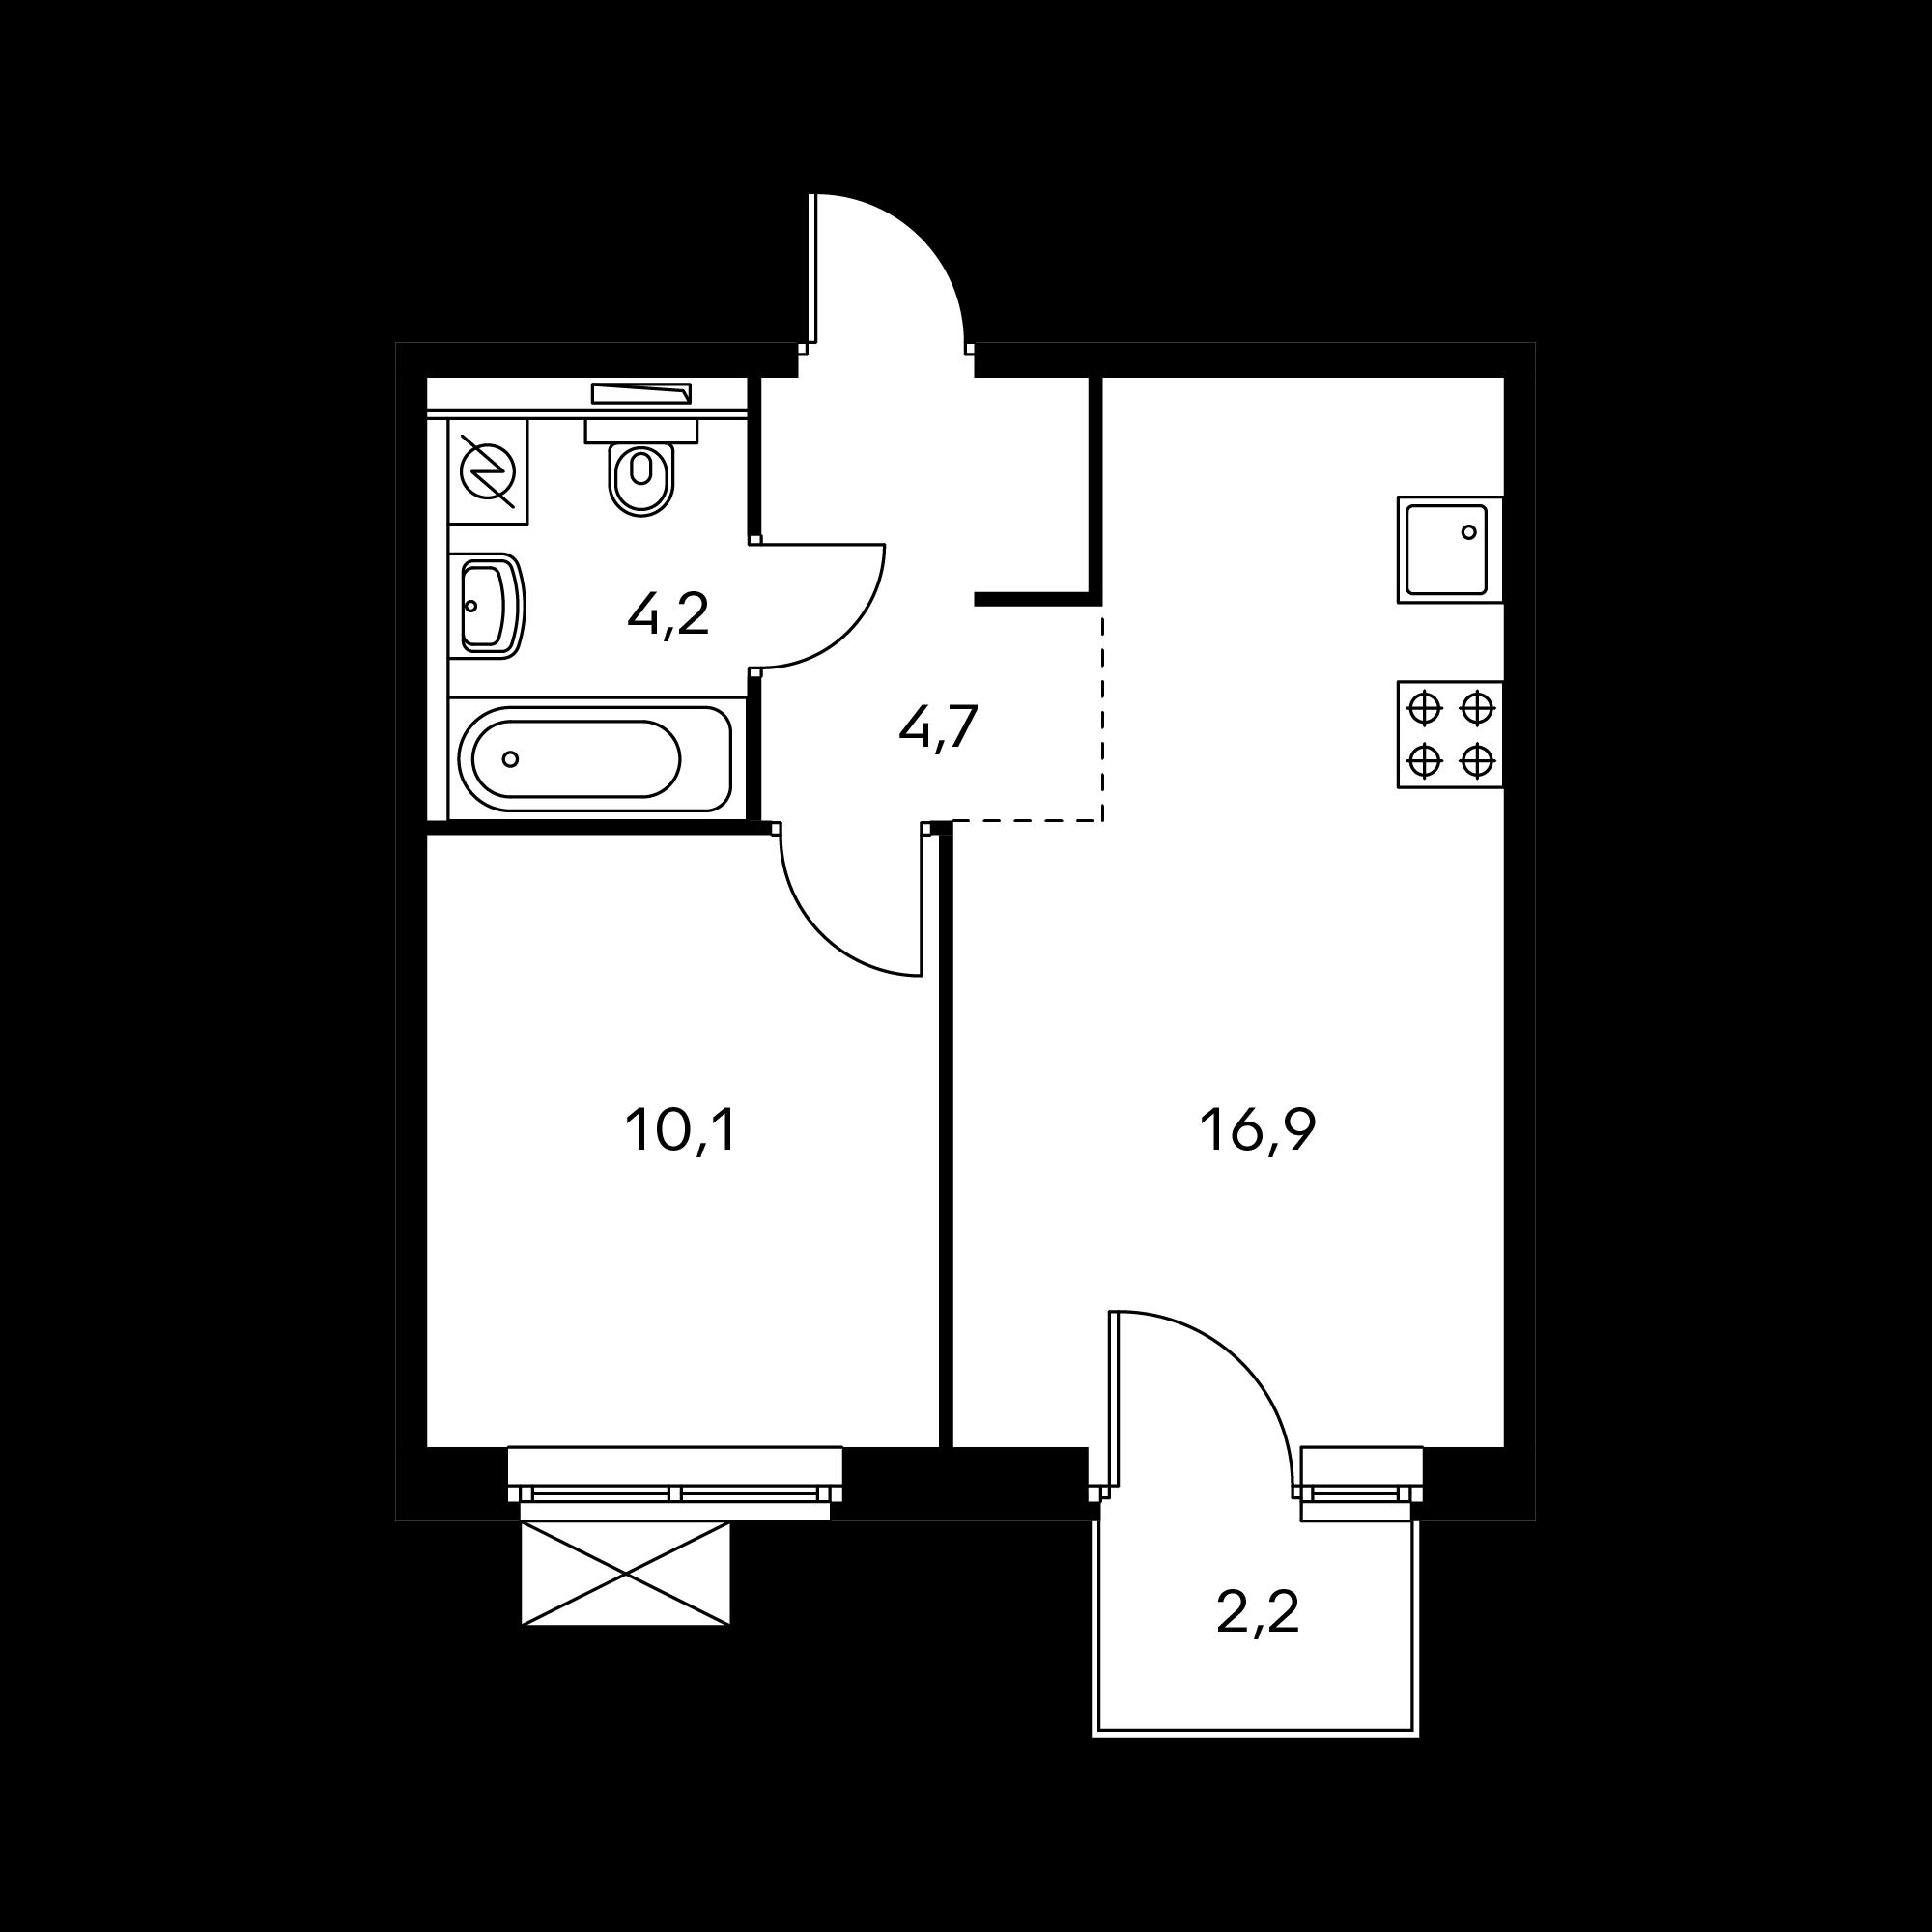 1KS1_6.3-1_B(2,2)_2